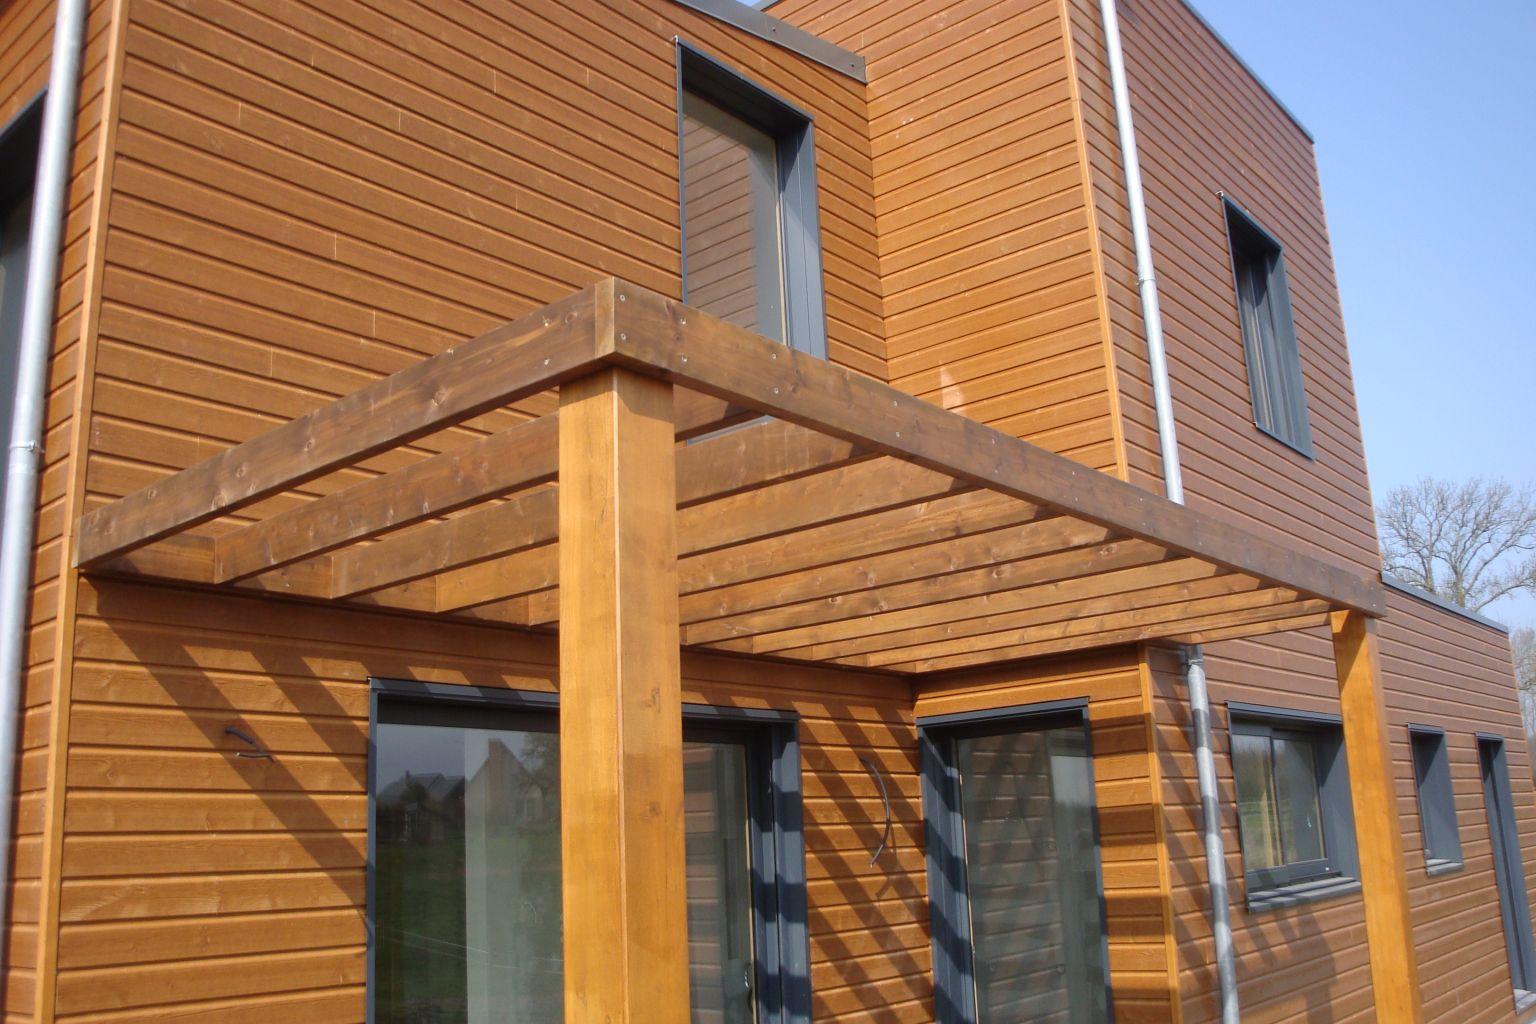 Maison ossature bois à MartinEglise 76370 > DJSLBois